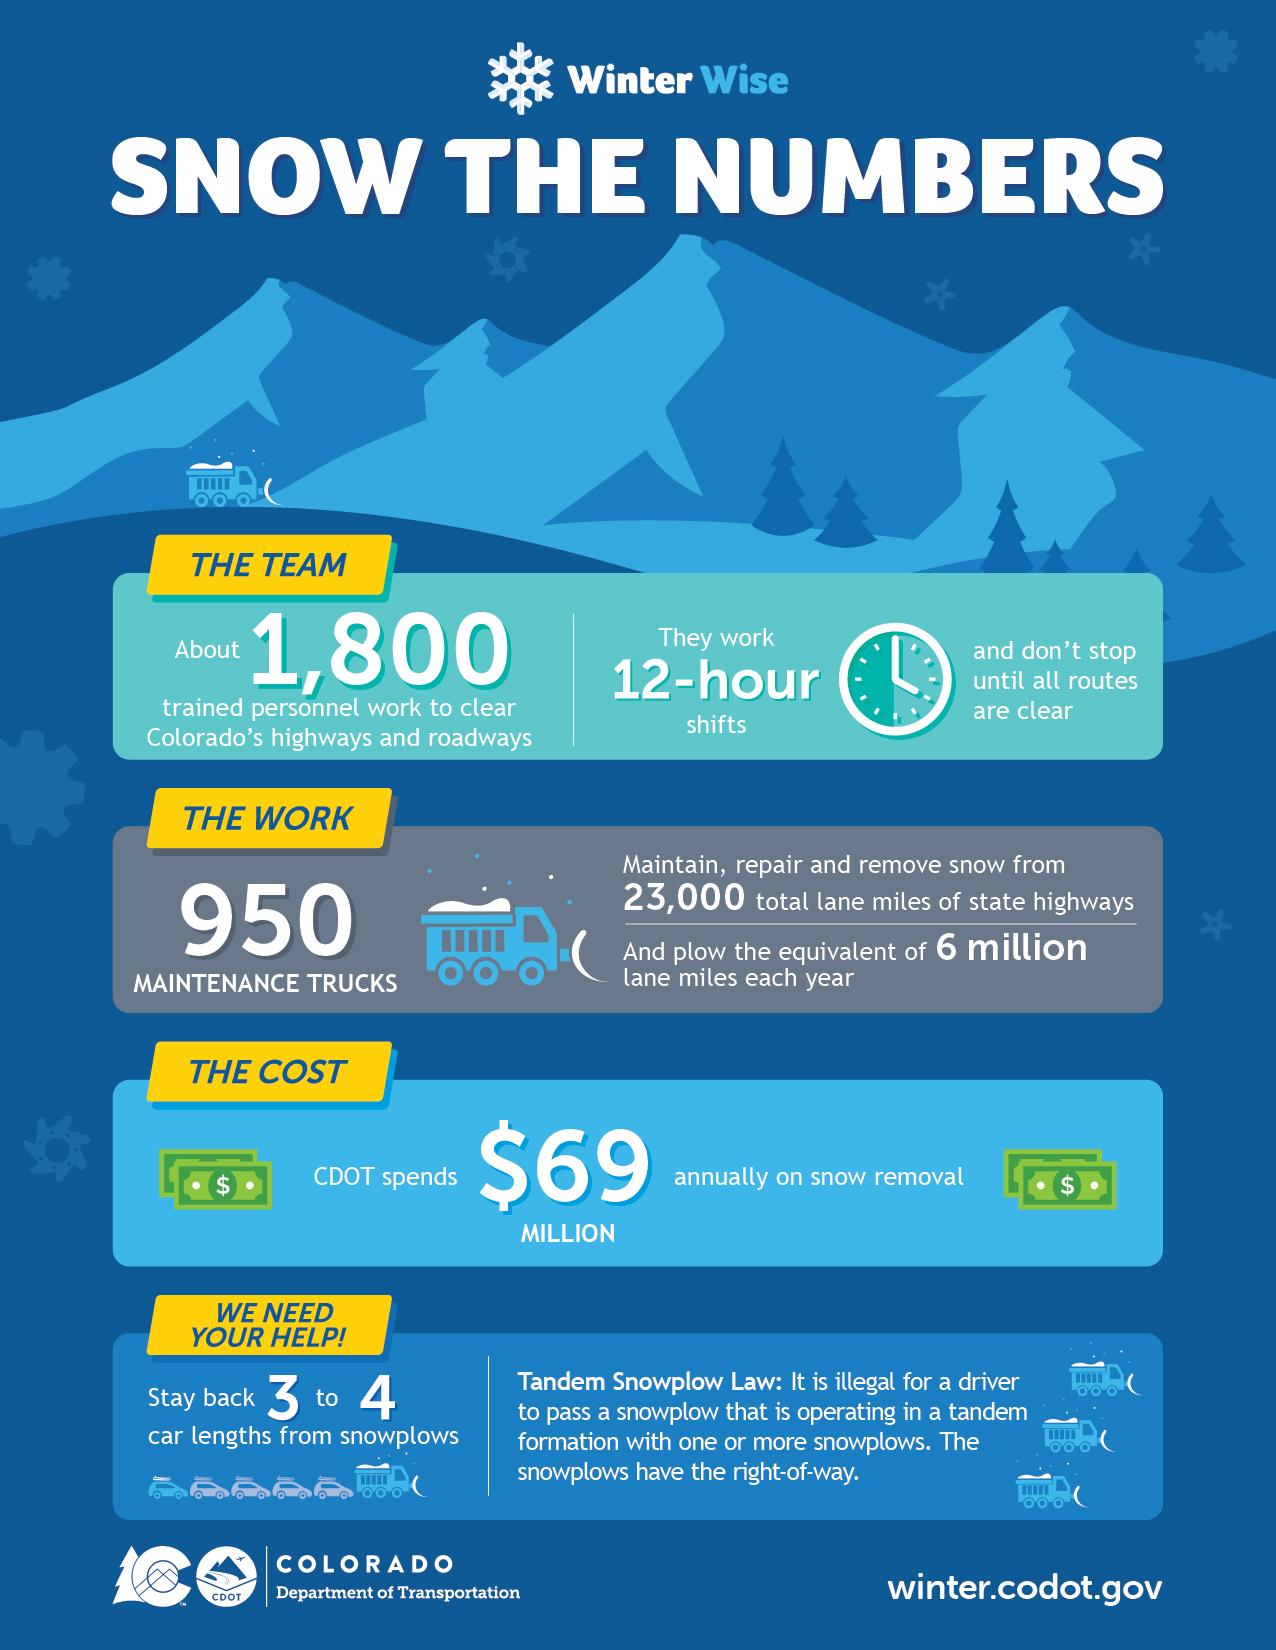 Colorado Snowplow Tandem Law